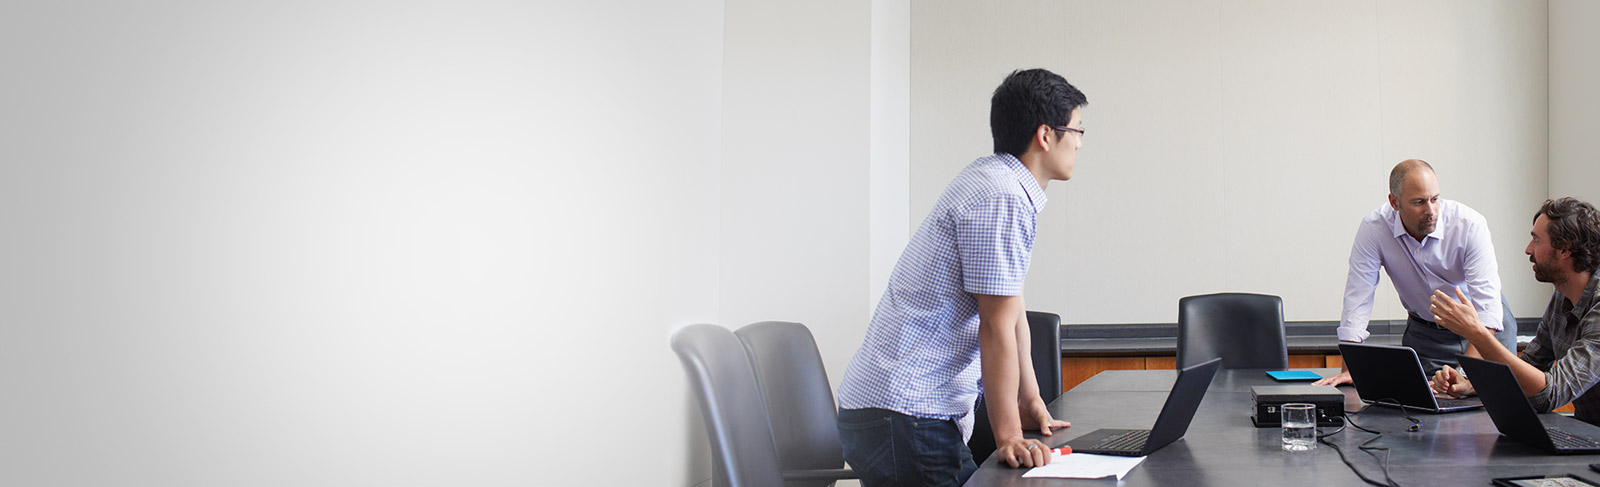 Tiga orang lelaki dengan komputer riba bermesyuarat di bilik persidangan menggunakan Office 365 Enterprise E4.